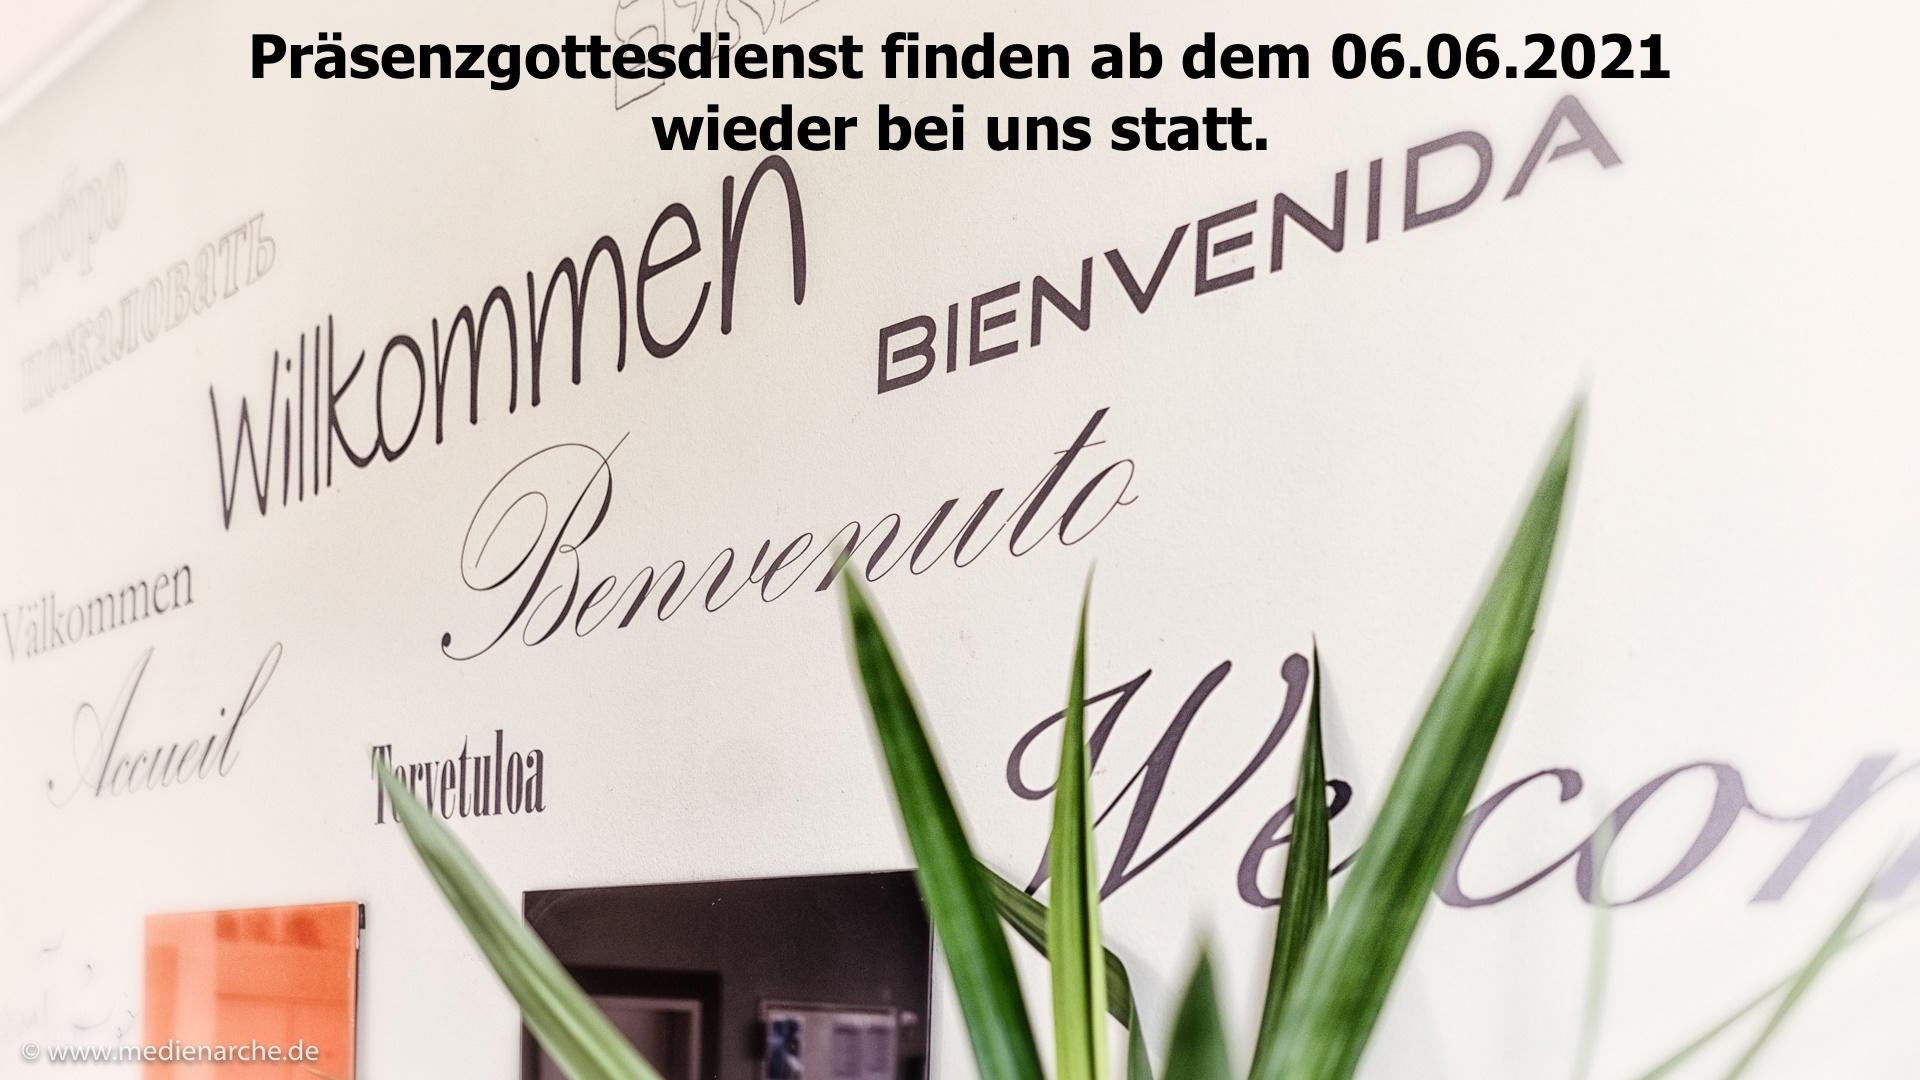 willkommen-schriftzug_16_9_HD1080.jpg